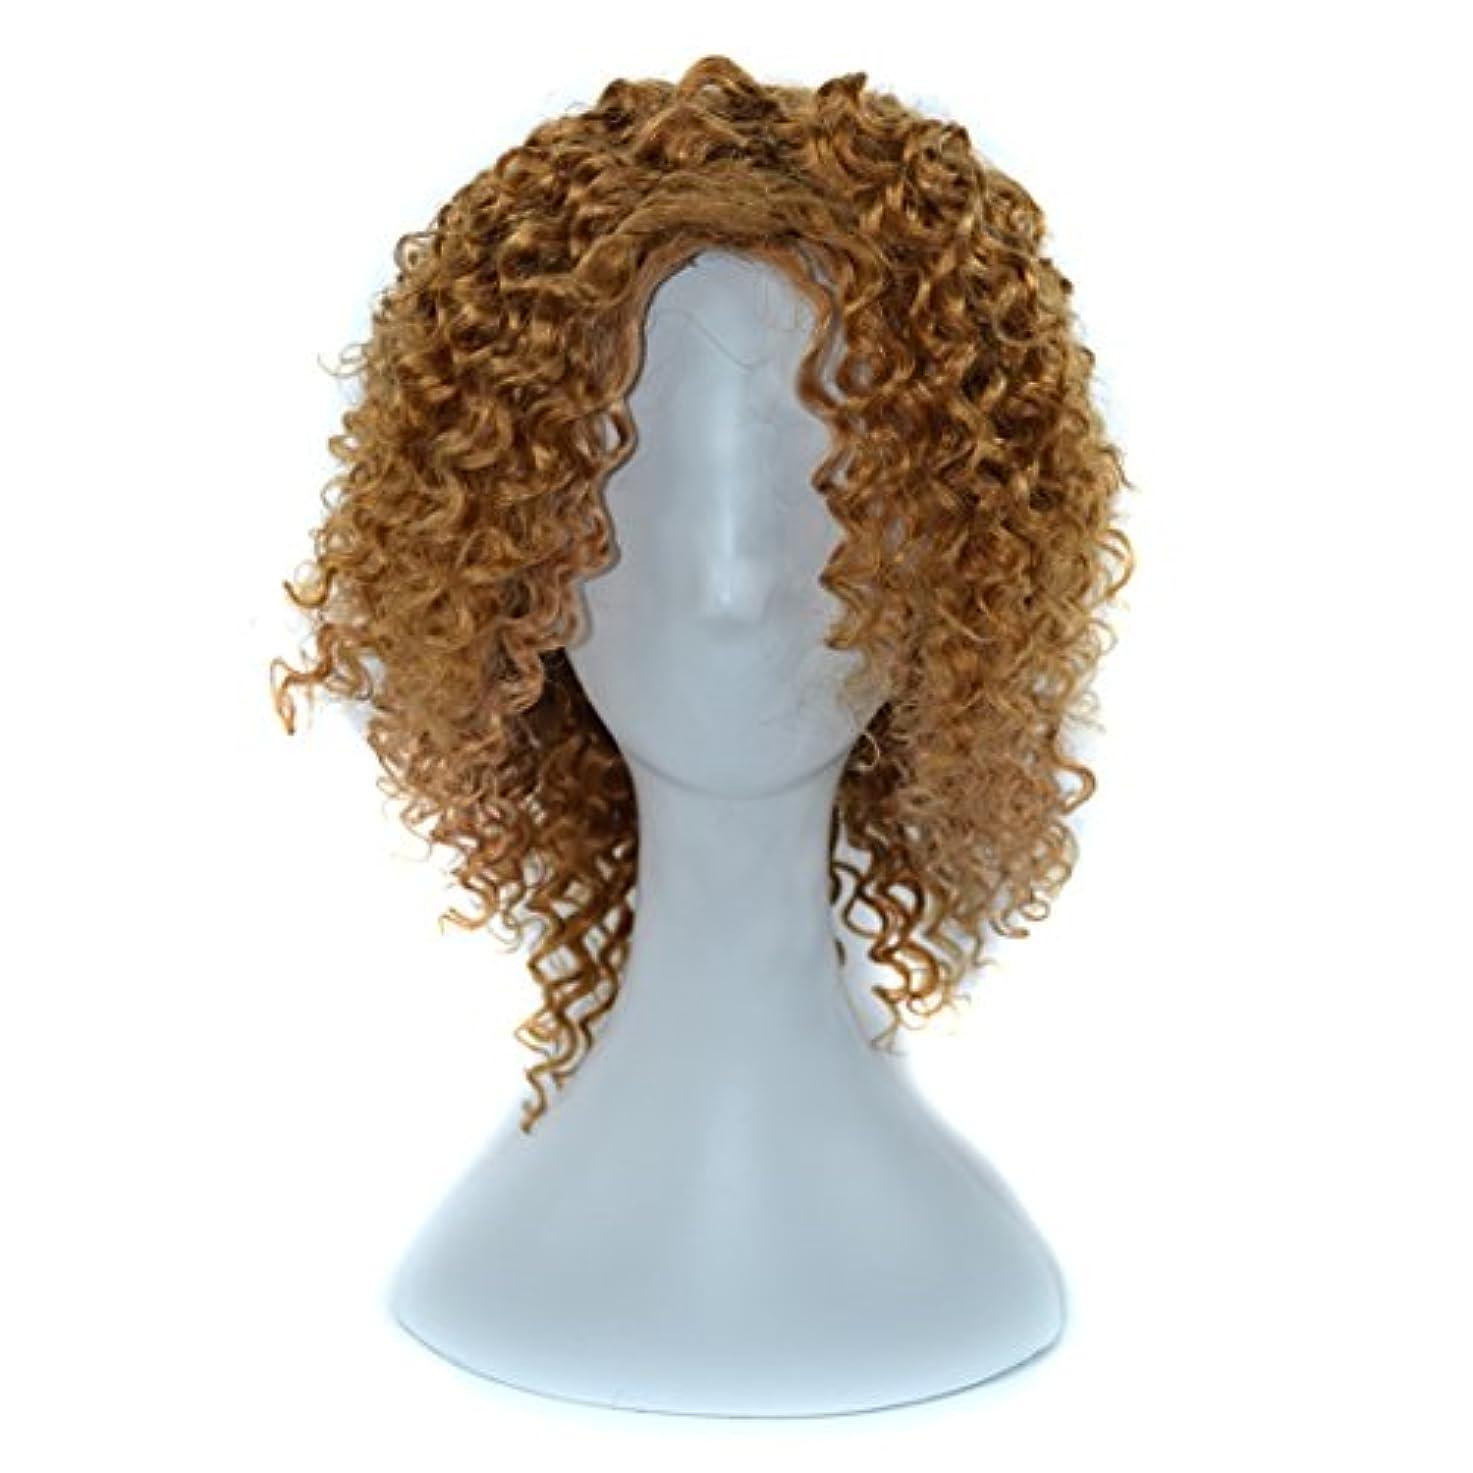 サイズミルク法廷YOUQIU 傾斜前髪髪を持つ女性黒浮き、赤やライトブラウンディープカールウィッグはウィッグセットのウィッグを染めすることができないために14インチ本物の人間の髪の毛 (色 : 淡い茶色)